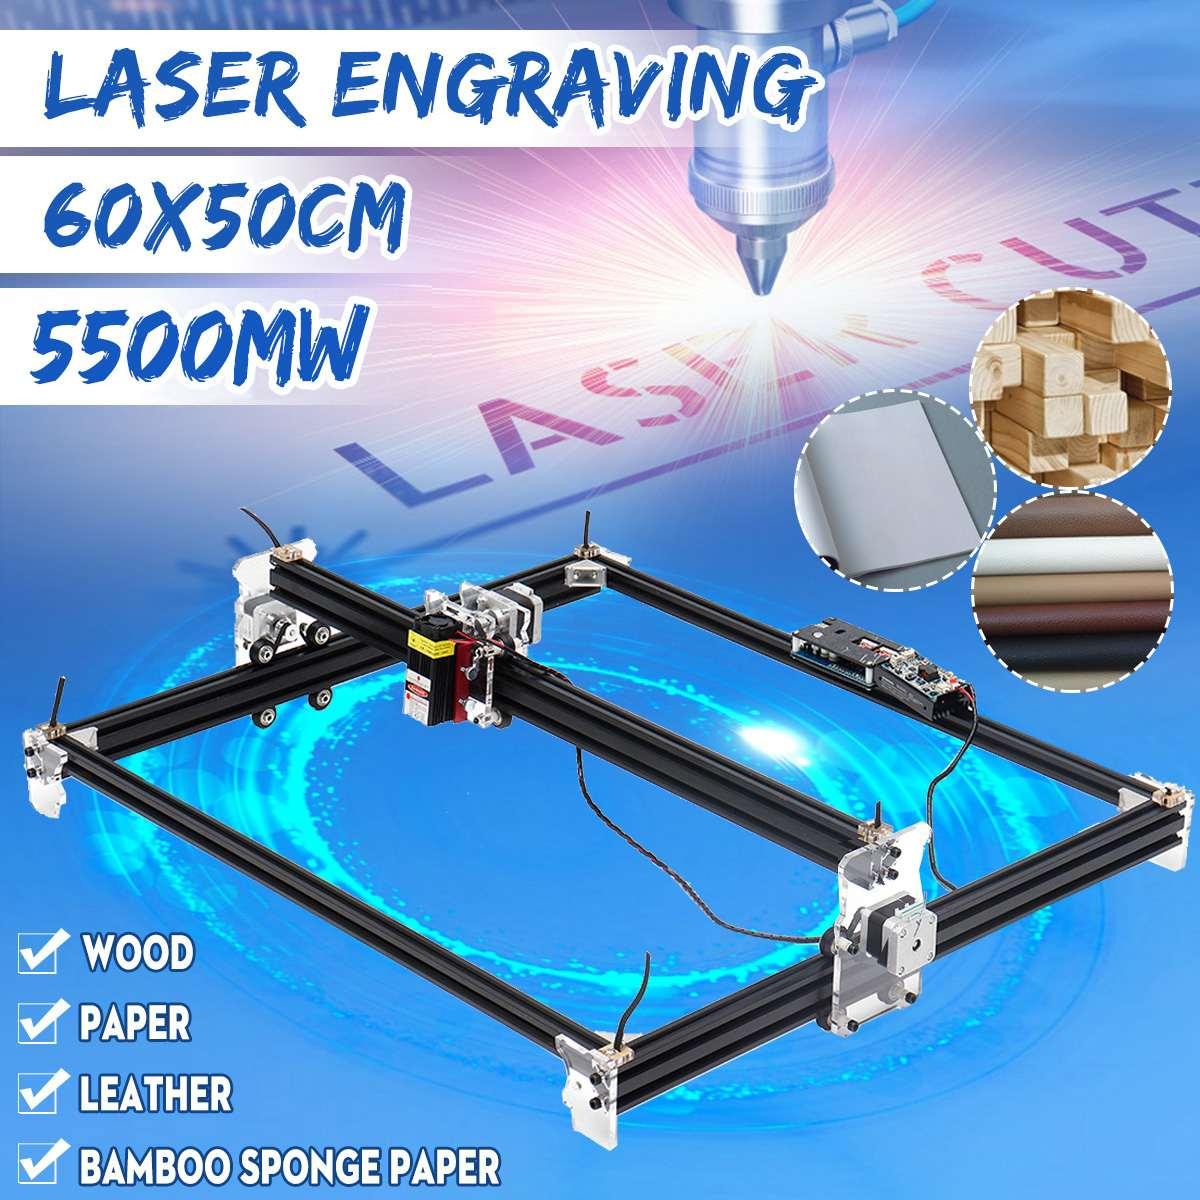 Nova 65*55 centímetros Mini 5500MW Azul Do Laser CNC Máquina de Gravura Eixo 2 12V DIY Casa Gravador área de trabalho de Madeira Router/Cortador/Máquina Impressora